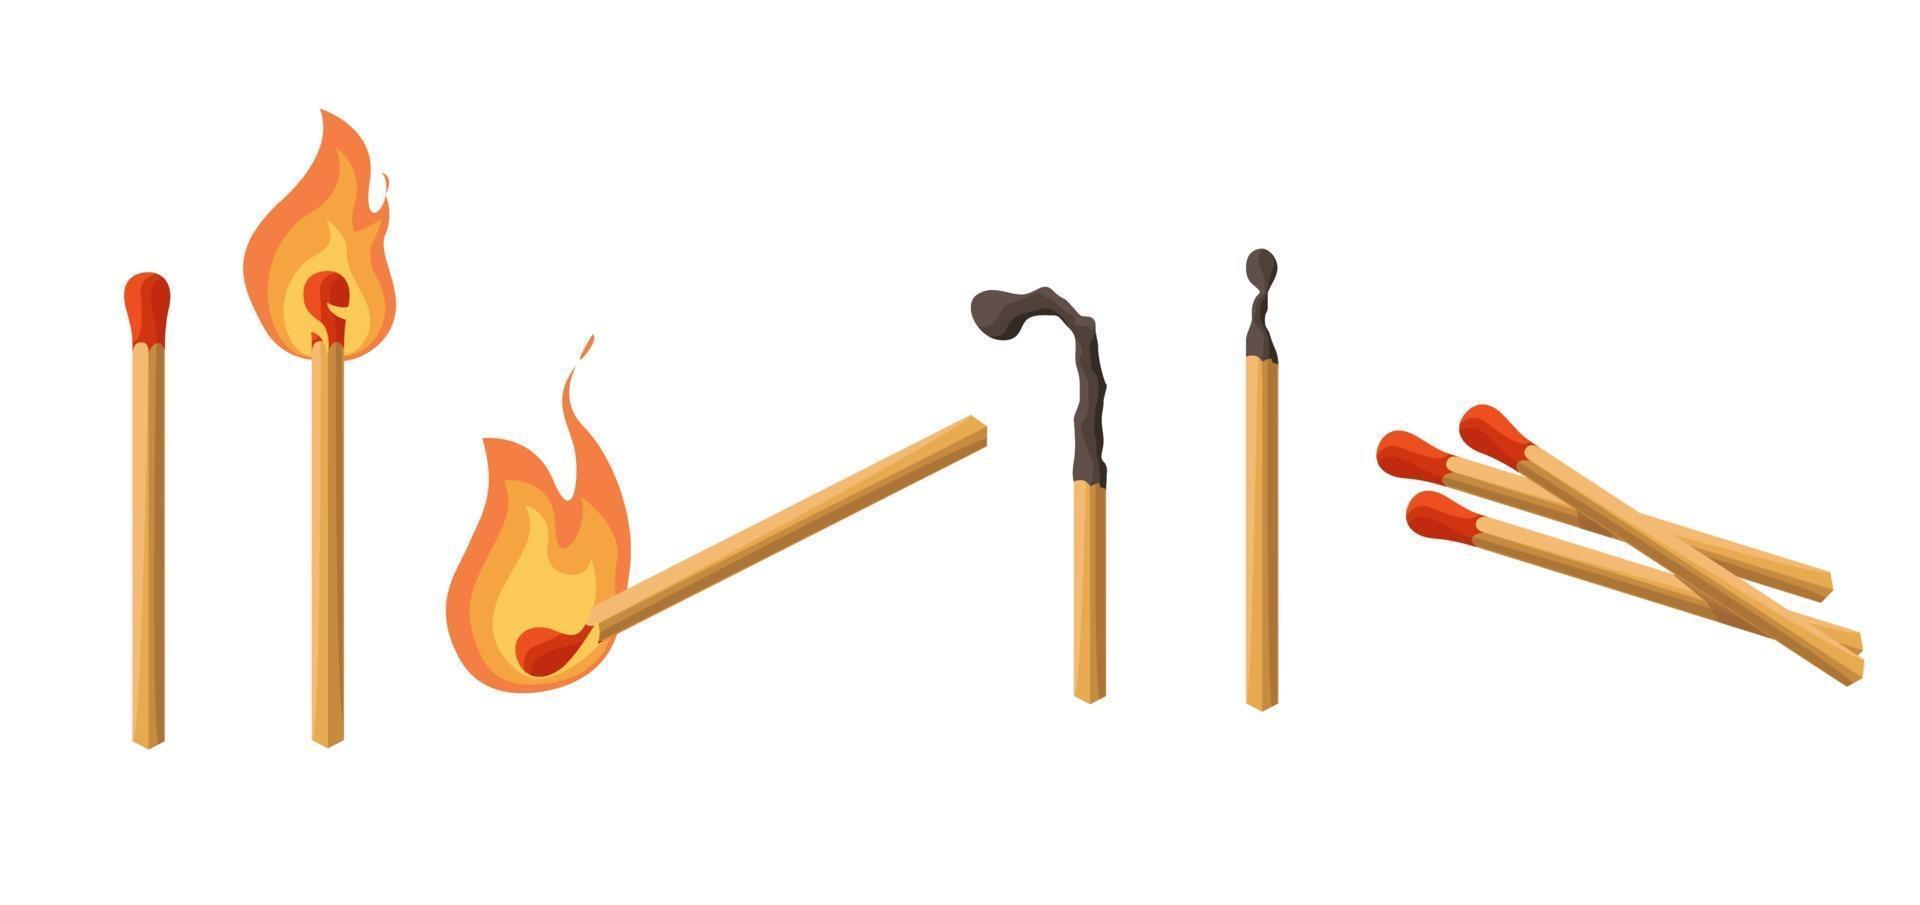 wedstrijden set. lucifer met vuur, luciferhoutskool. lichten. vector illustratie cartoon stijl geïsoleerd op een witte achtergrond.